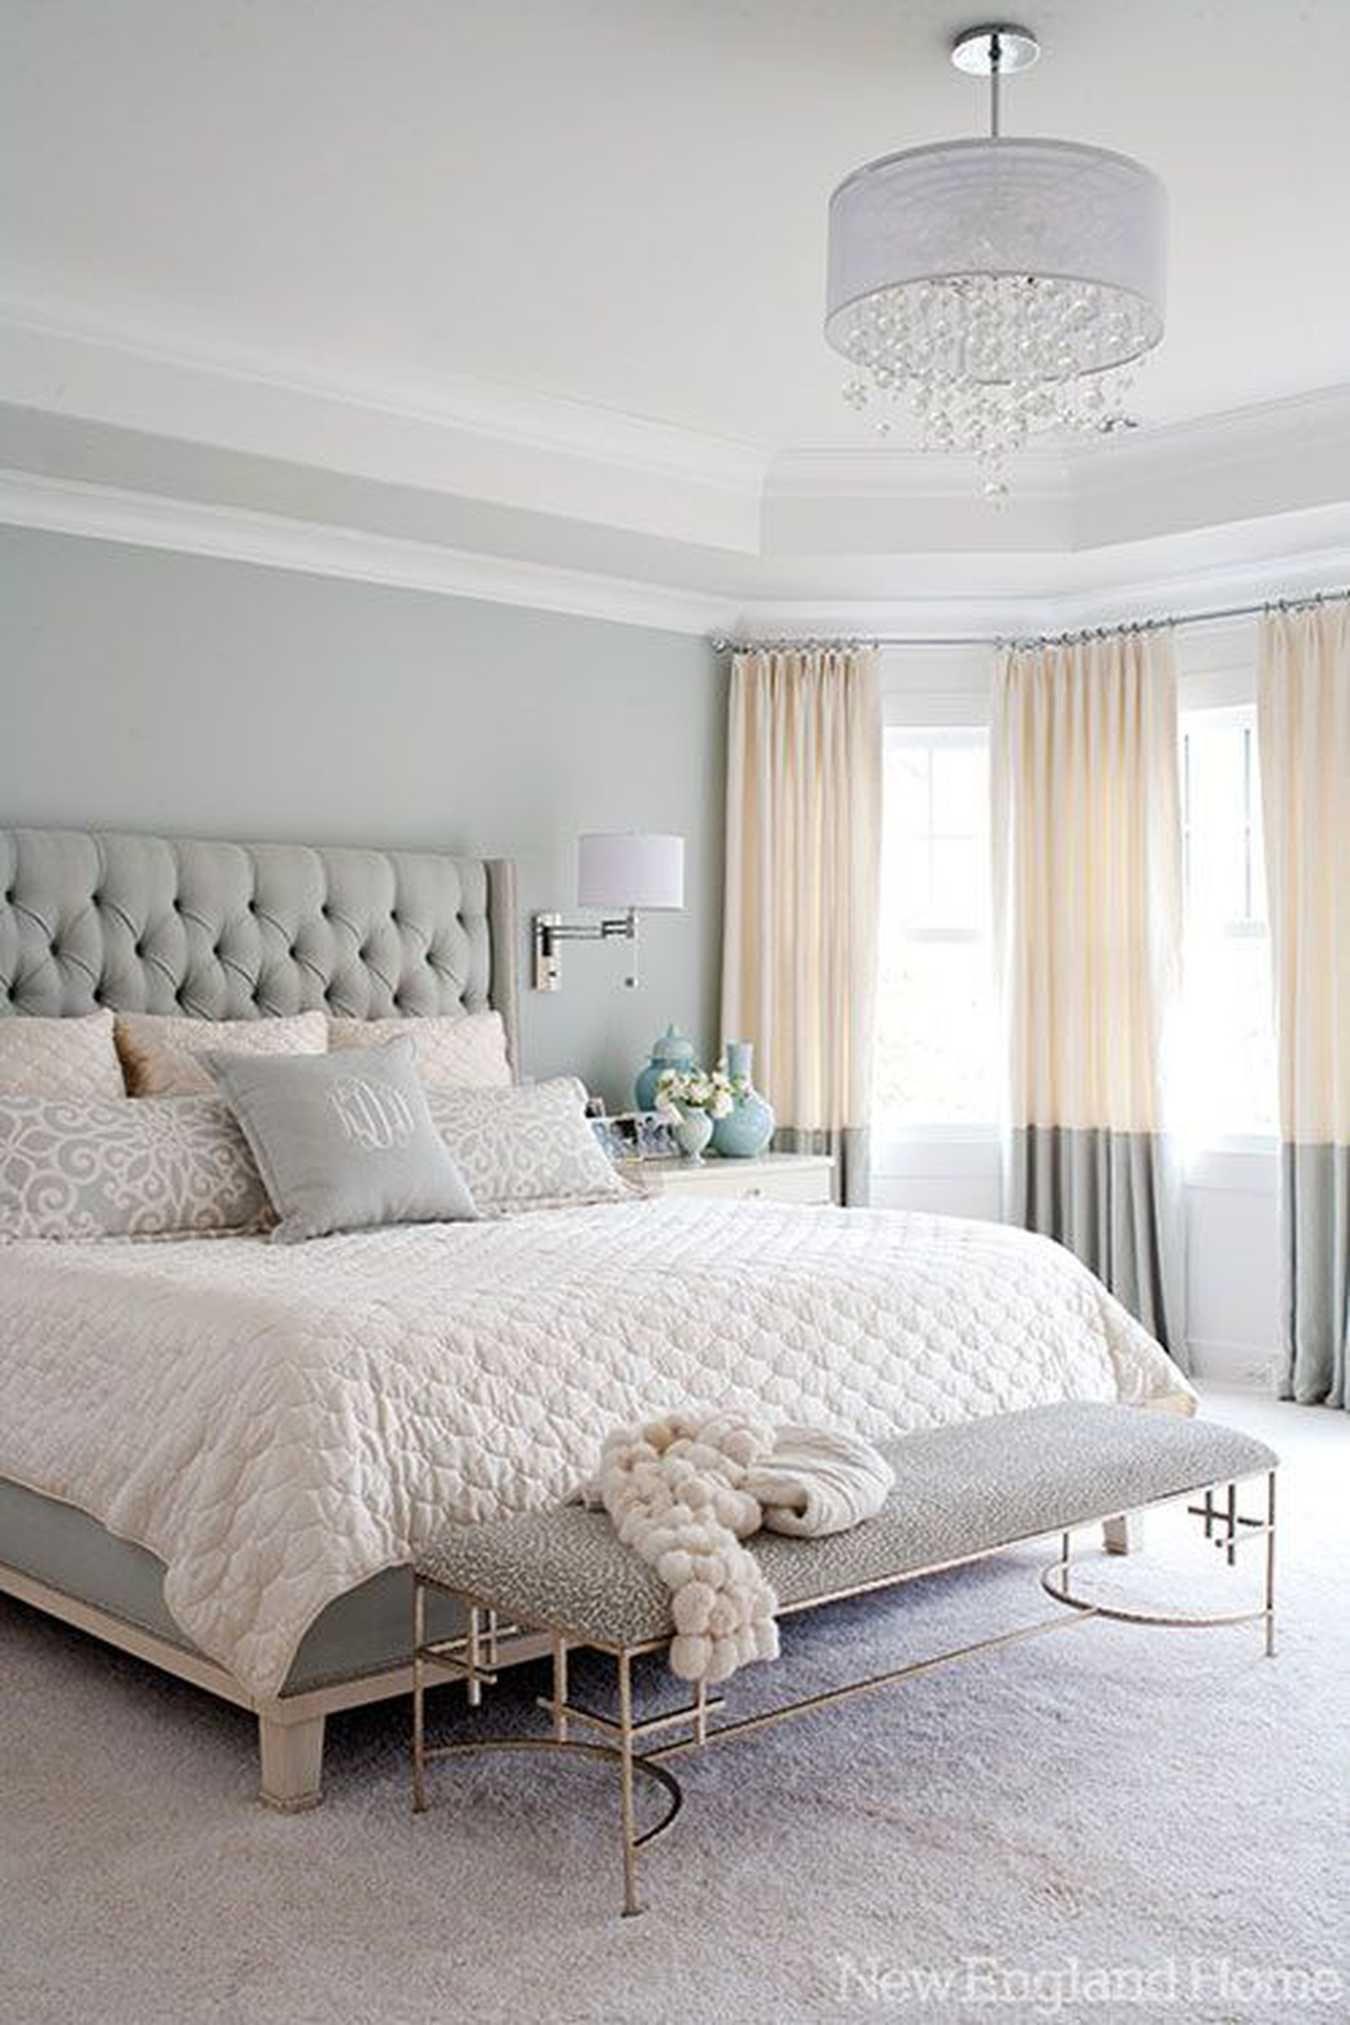 interior design style quiz | bedroom interior, bedroom